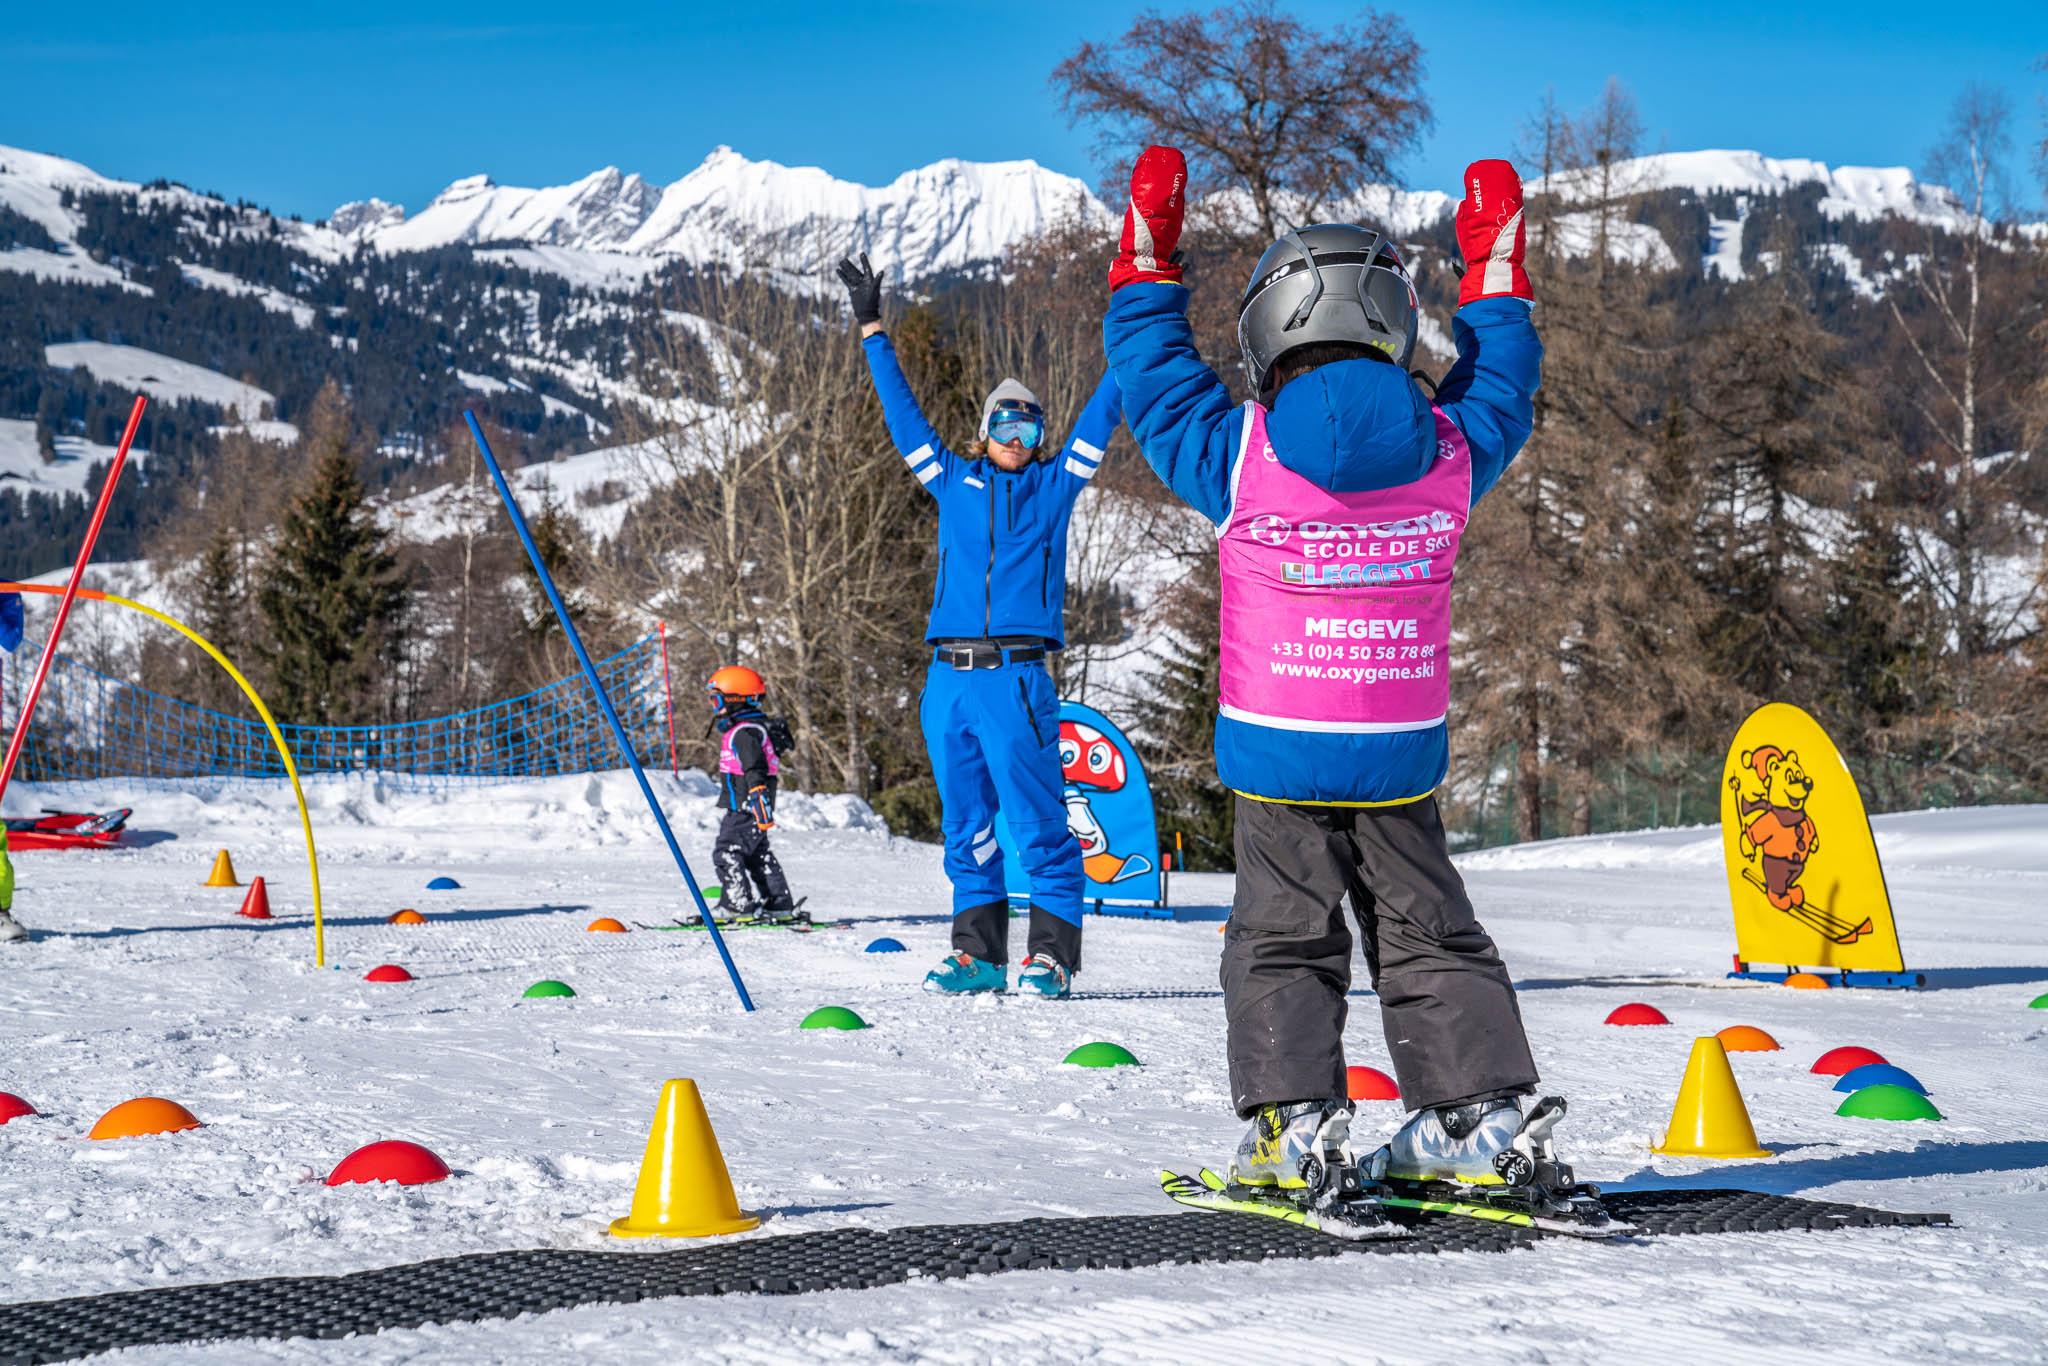 Beginner children ski lessons